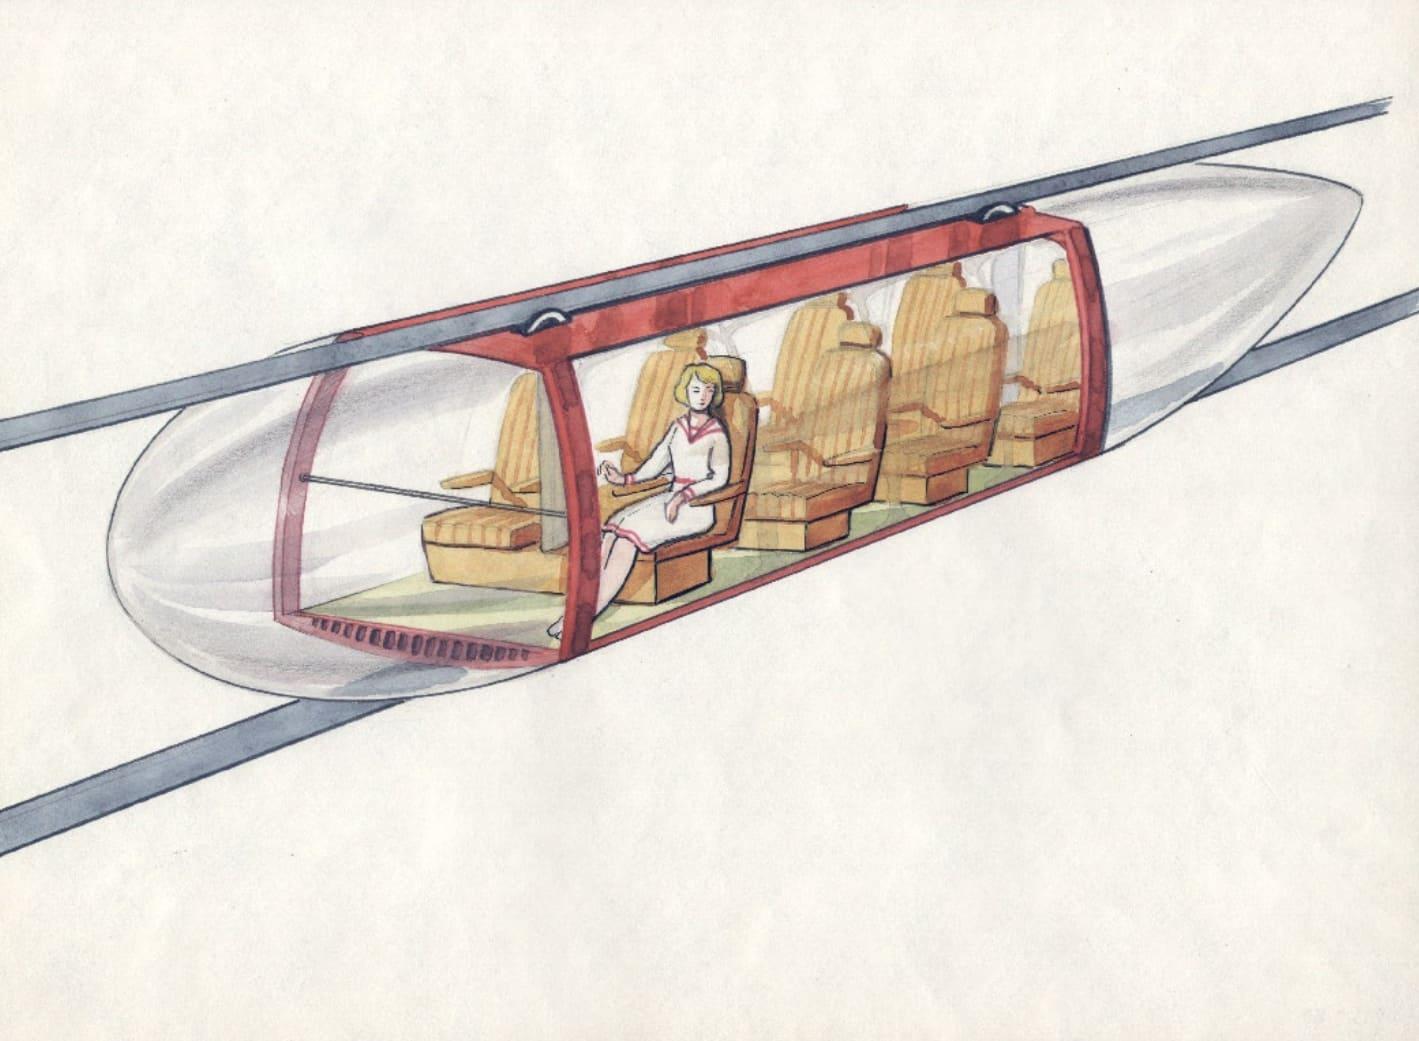 Рельсовая транспортная система второго уровня. 17 июля 1980 г.